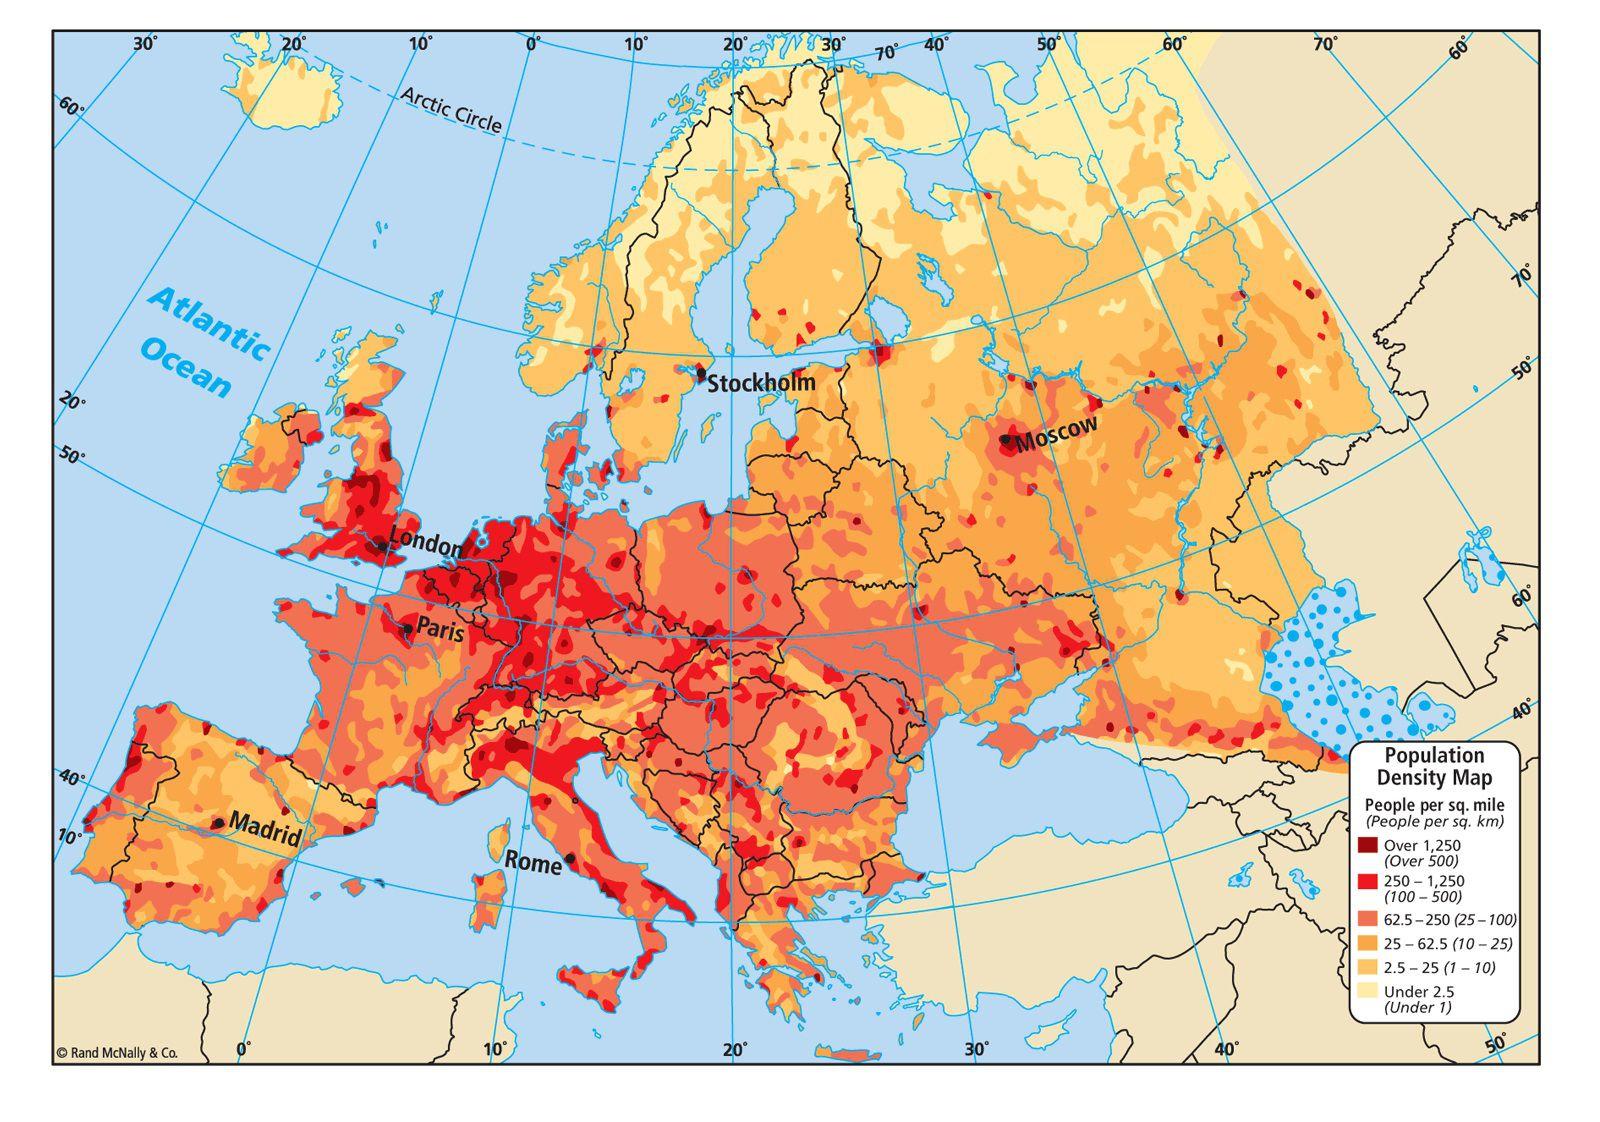 Carte de la densité de population de l'Europe